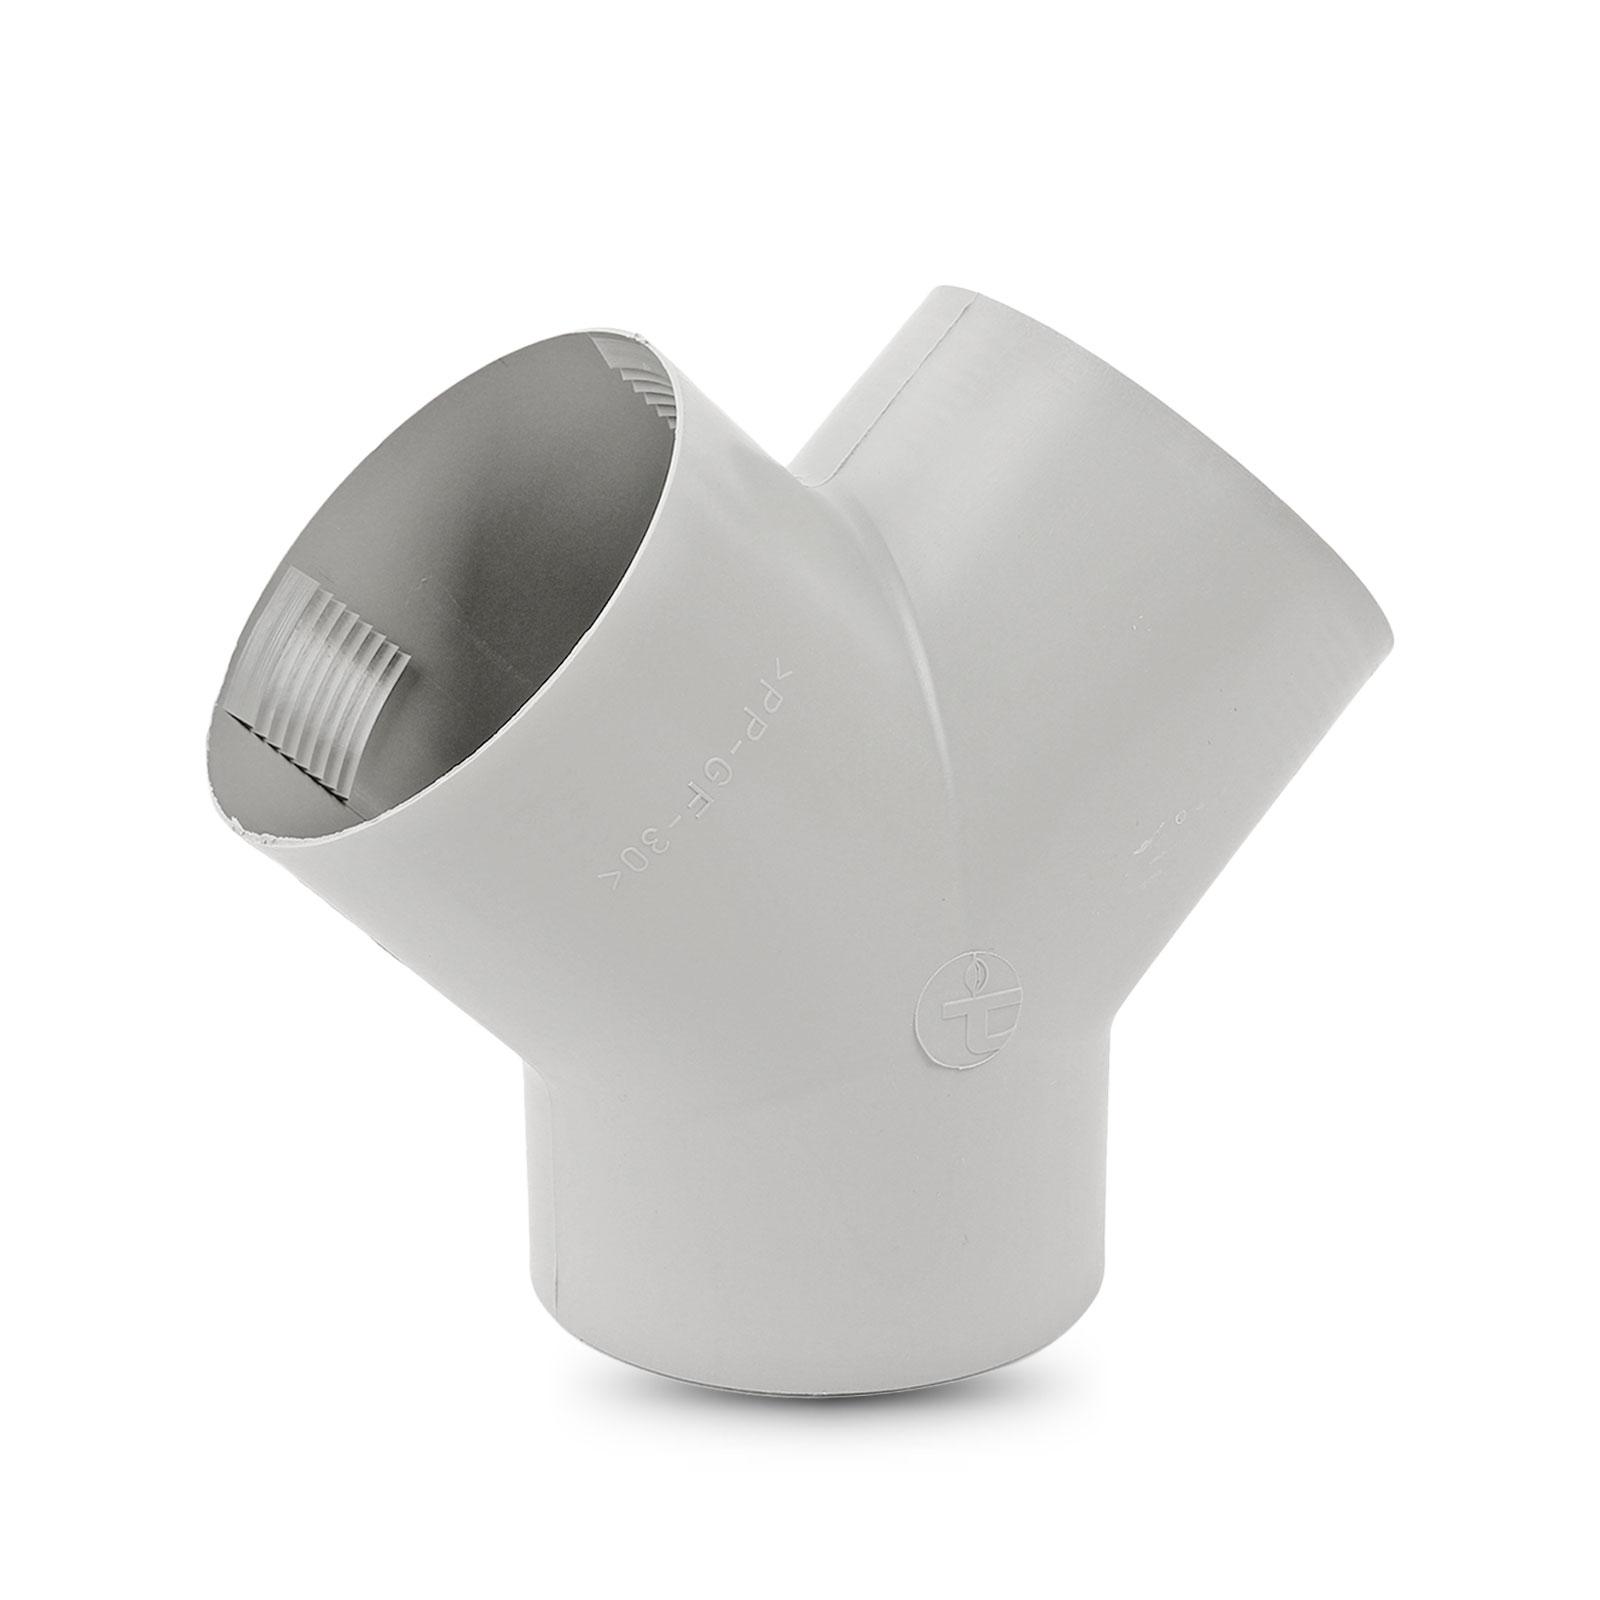 Y Stück für Warmluftrohre Truma Grau für 65 mm TS Y-Stück